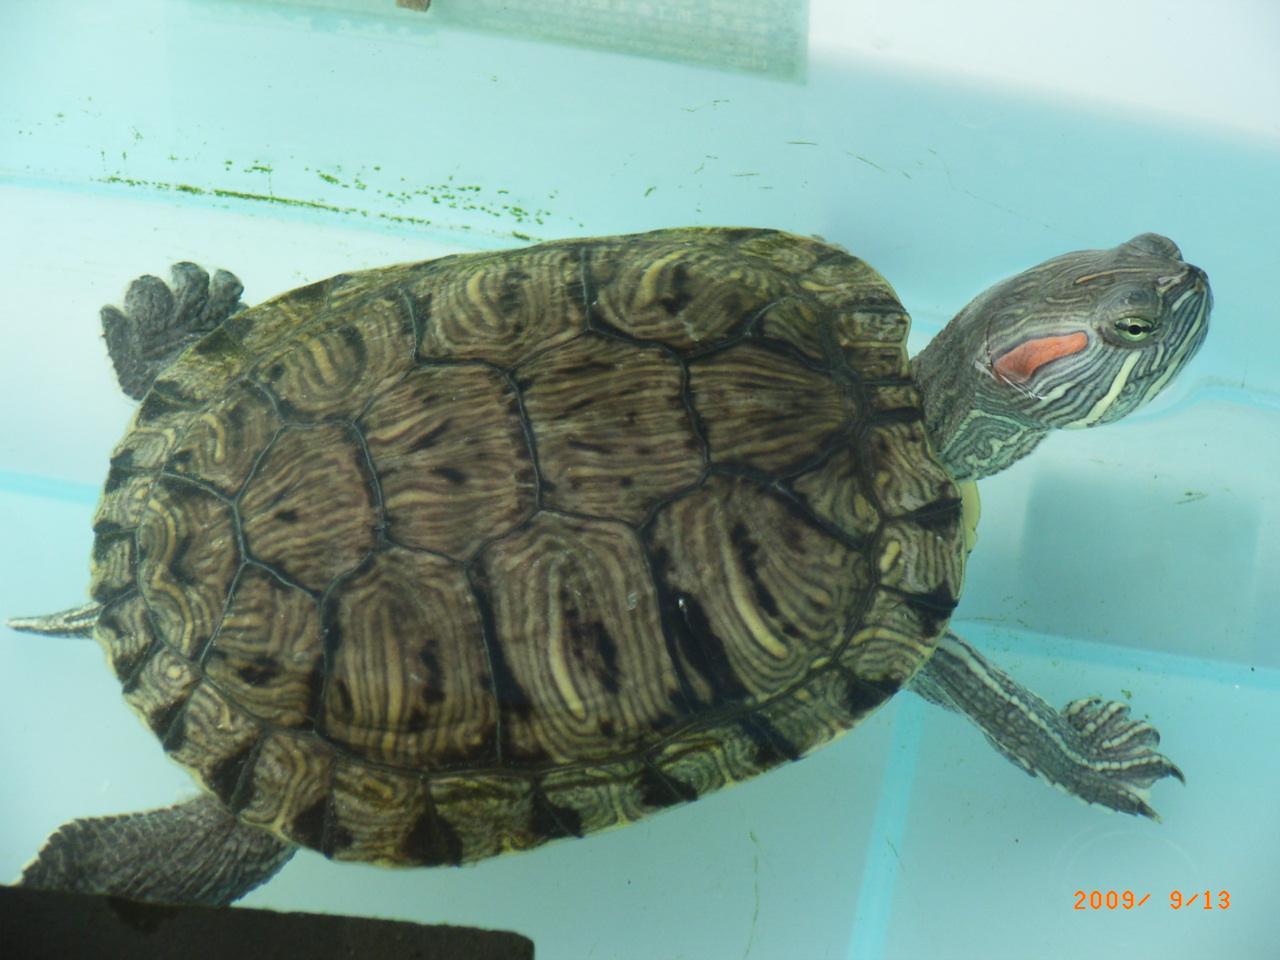 人物介绍 乌龟种类介绍 自动档位介绍